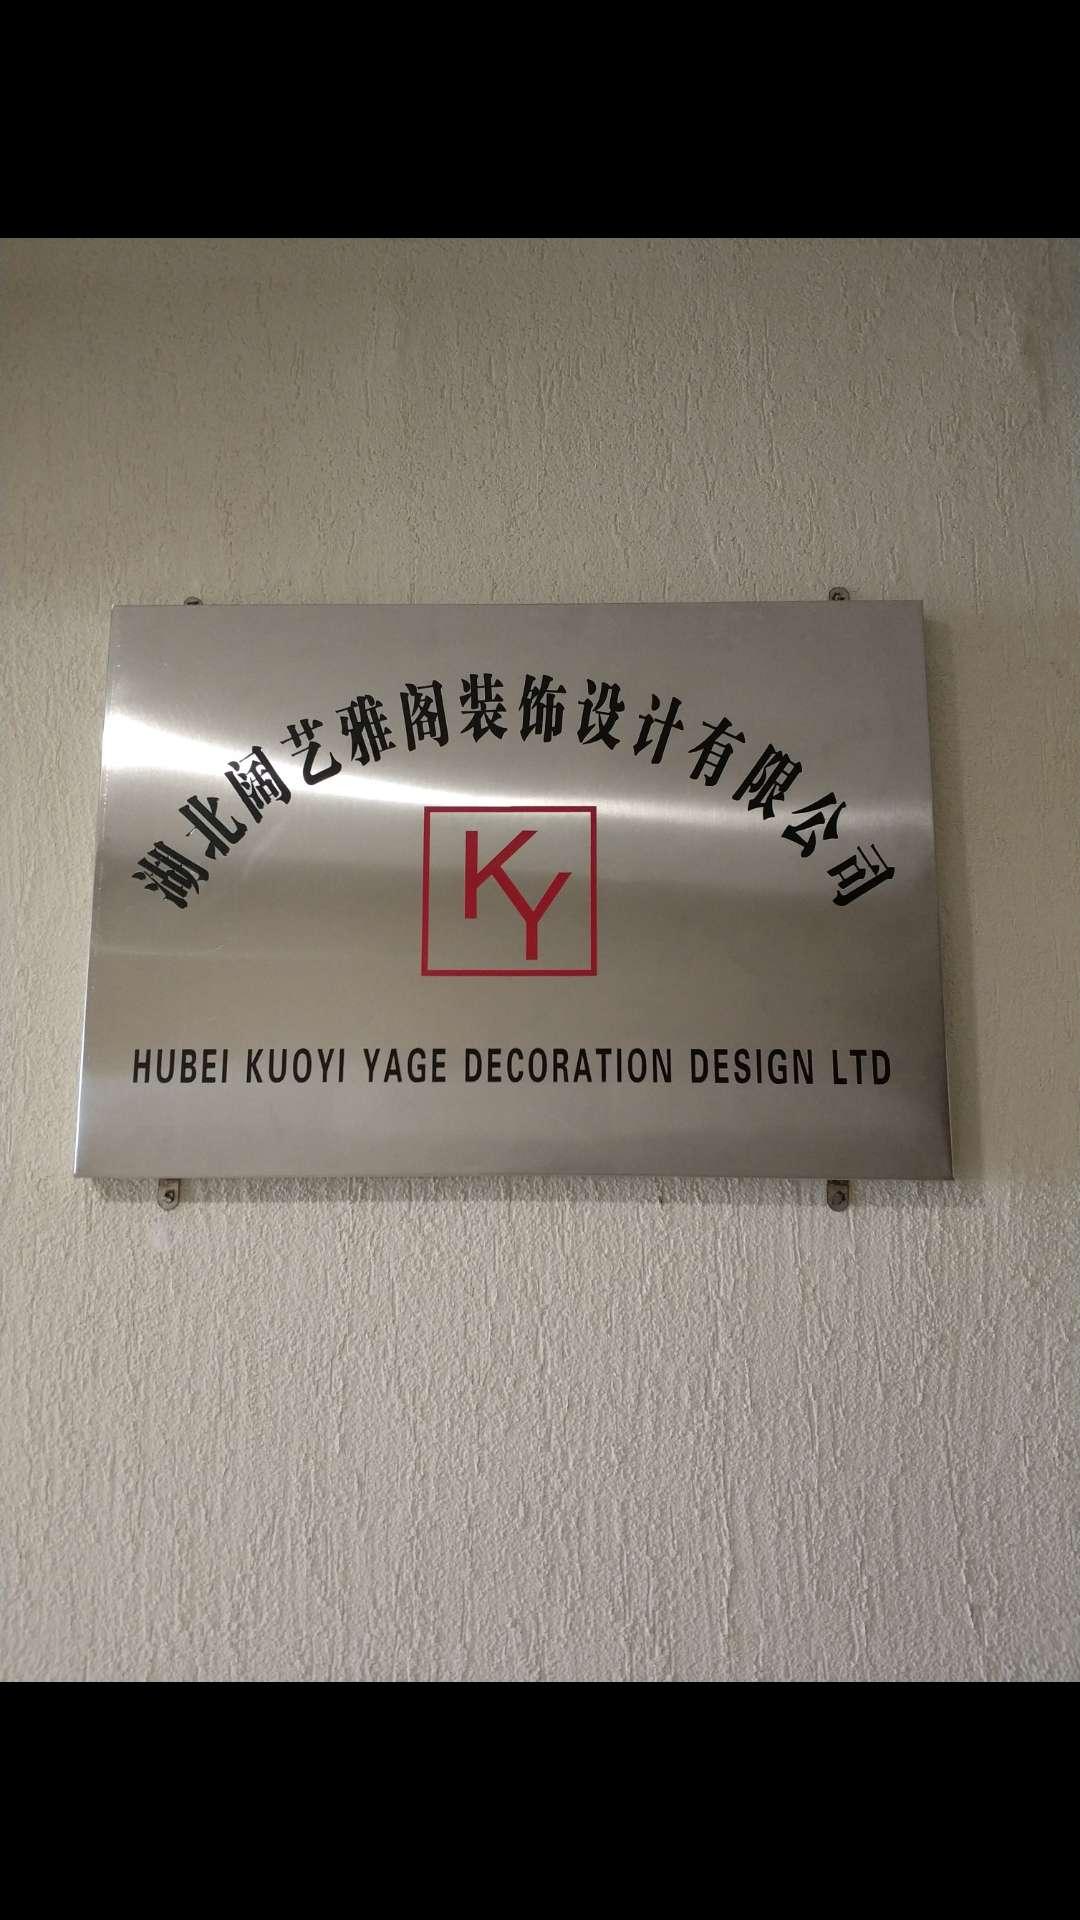 湖北阔艺雅阁装饰设计有限公司